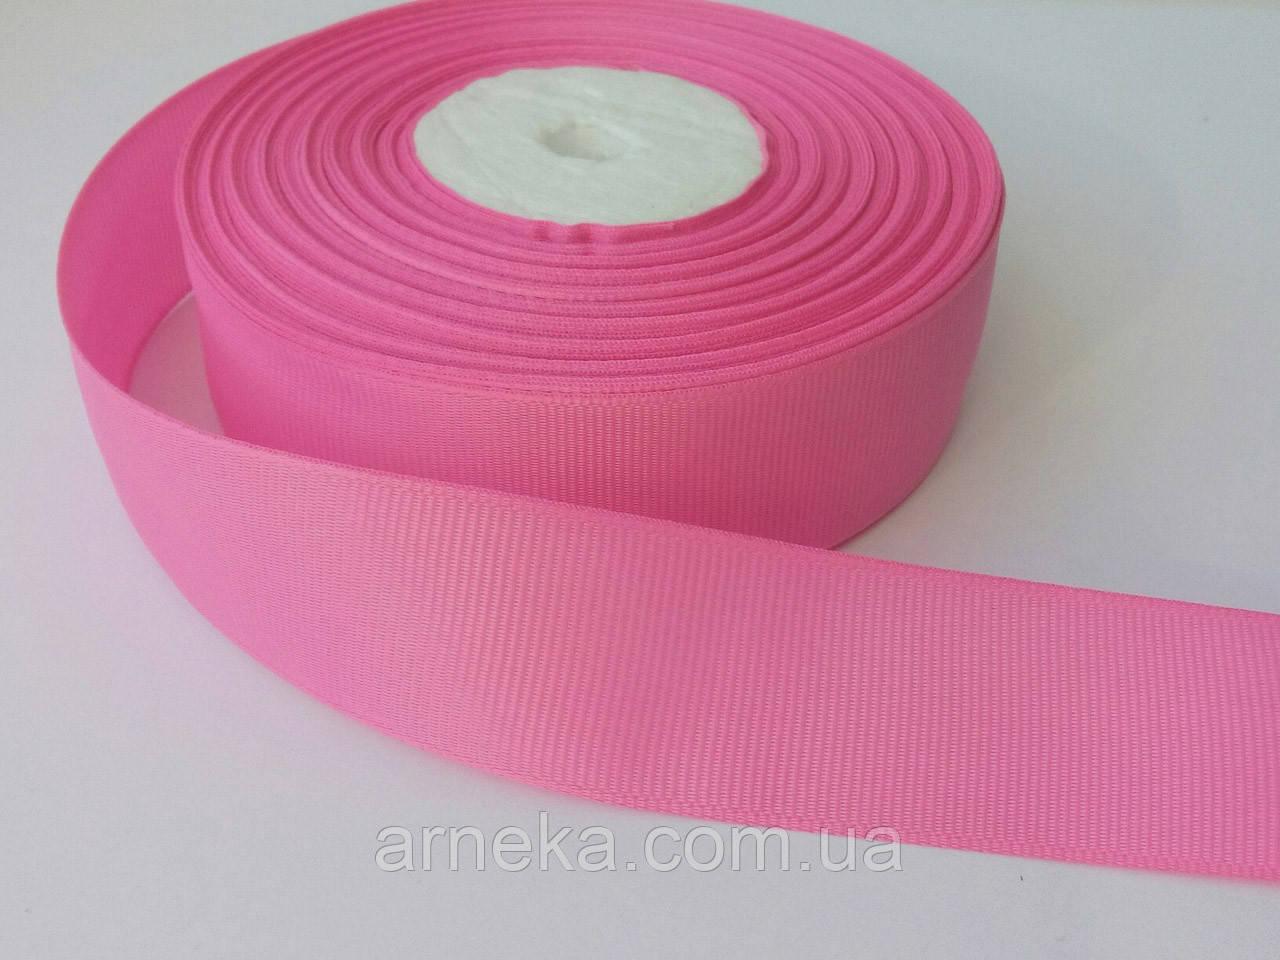 Репсова стрічка 2,5 см рожева